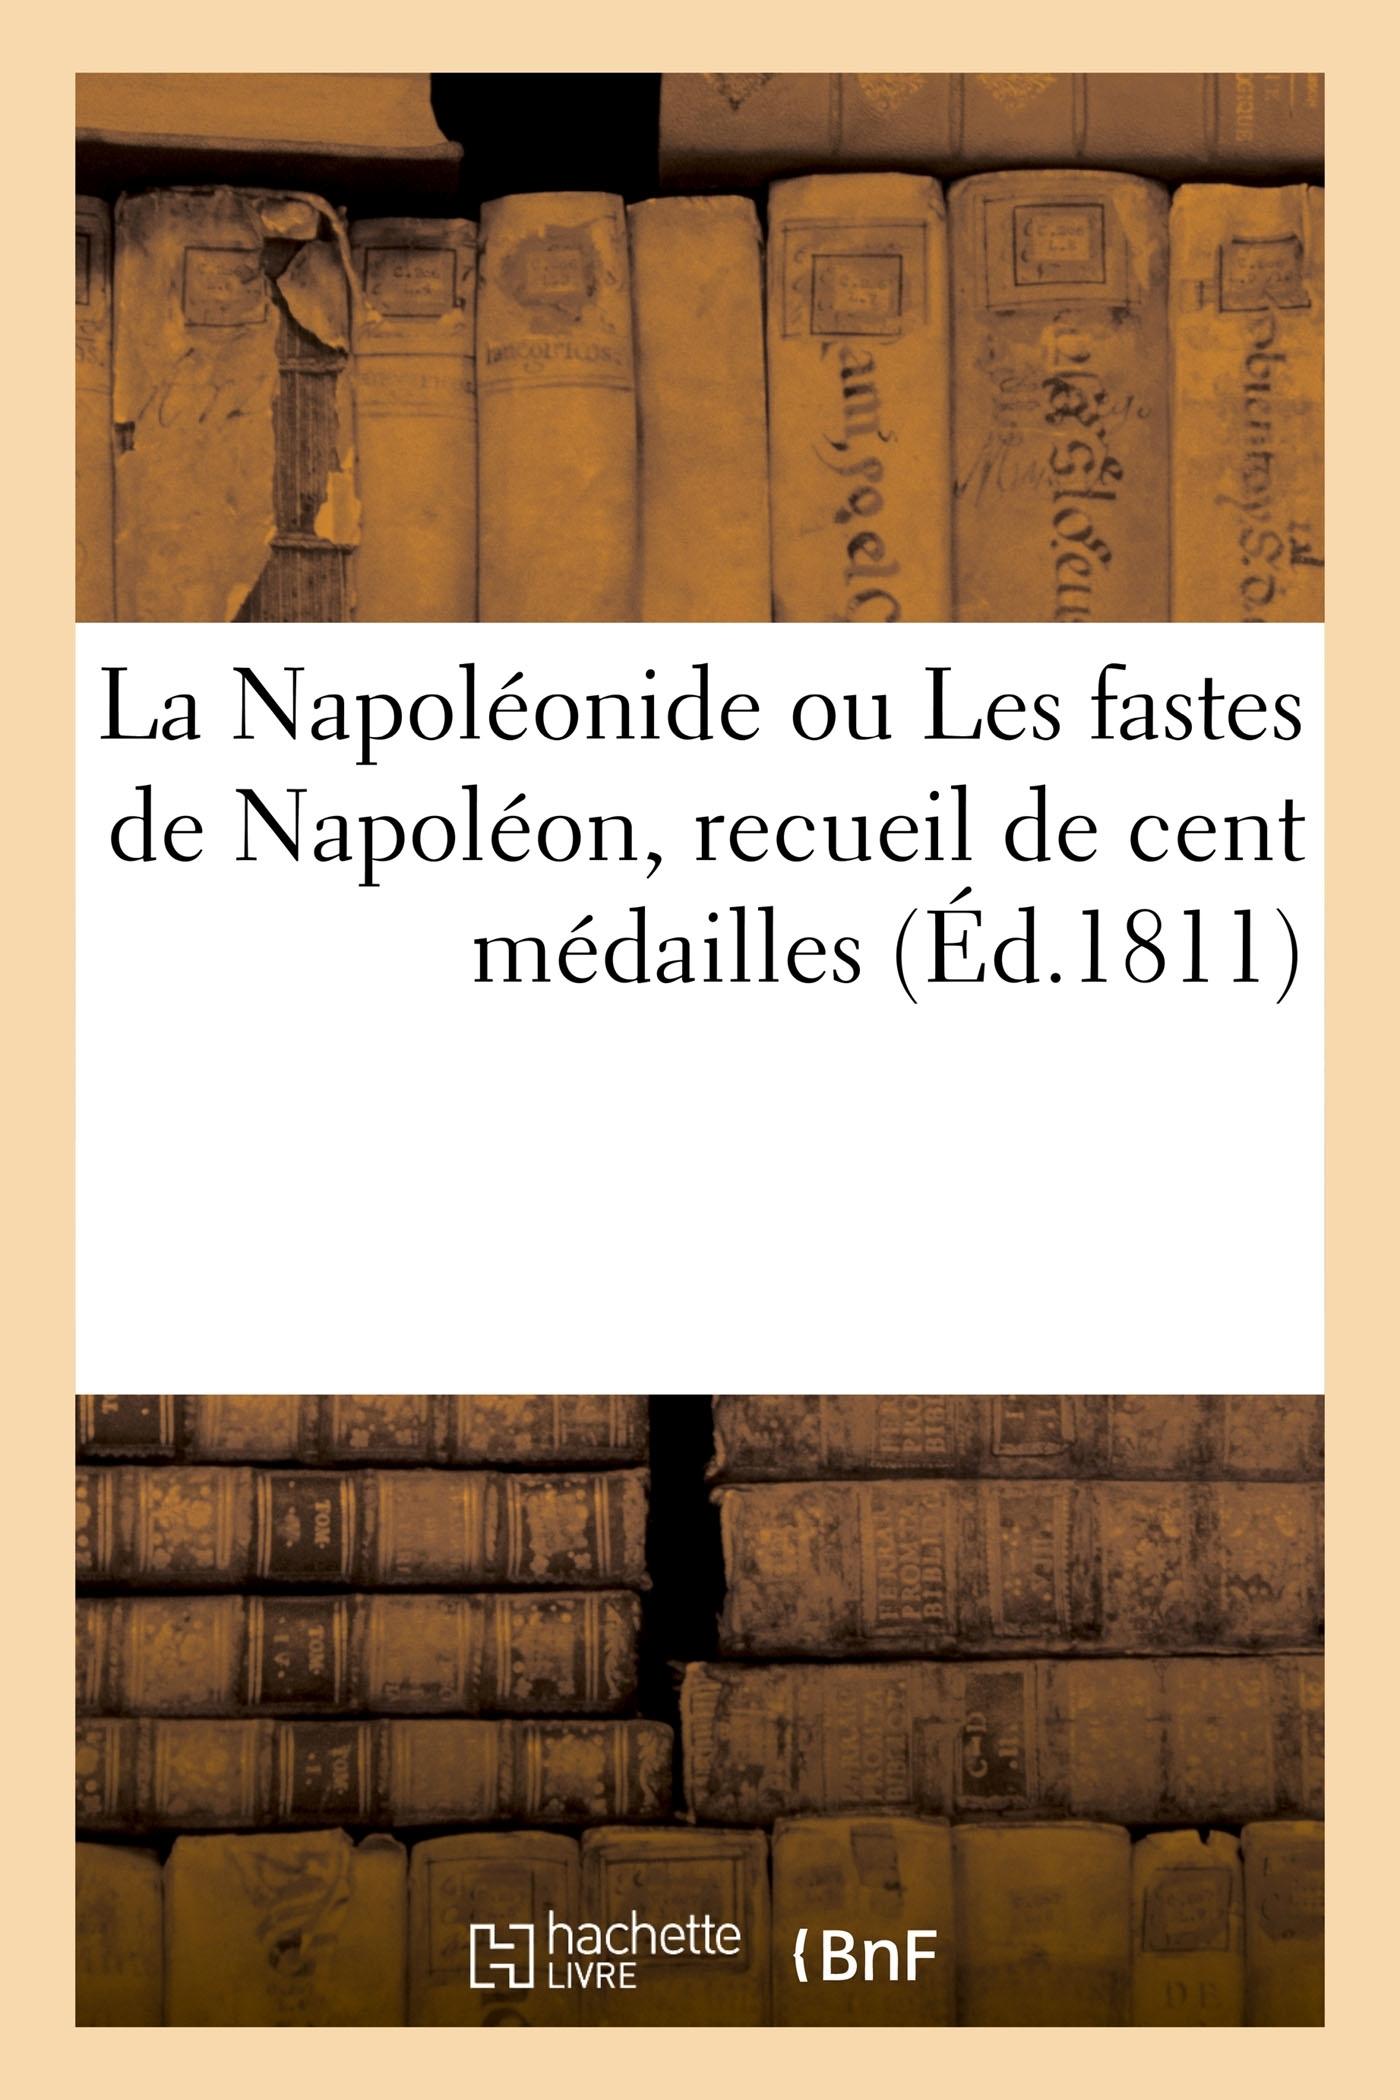 LA NAPOLEONIDE OU LES FASTES DE NAPOLEON, RECUEIL DE CENT MEDAILLES - AVEC UNE NOTICE HISTORIQUE ET